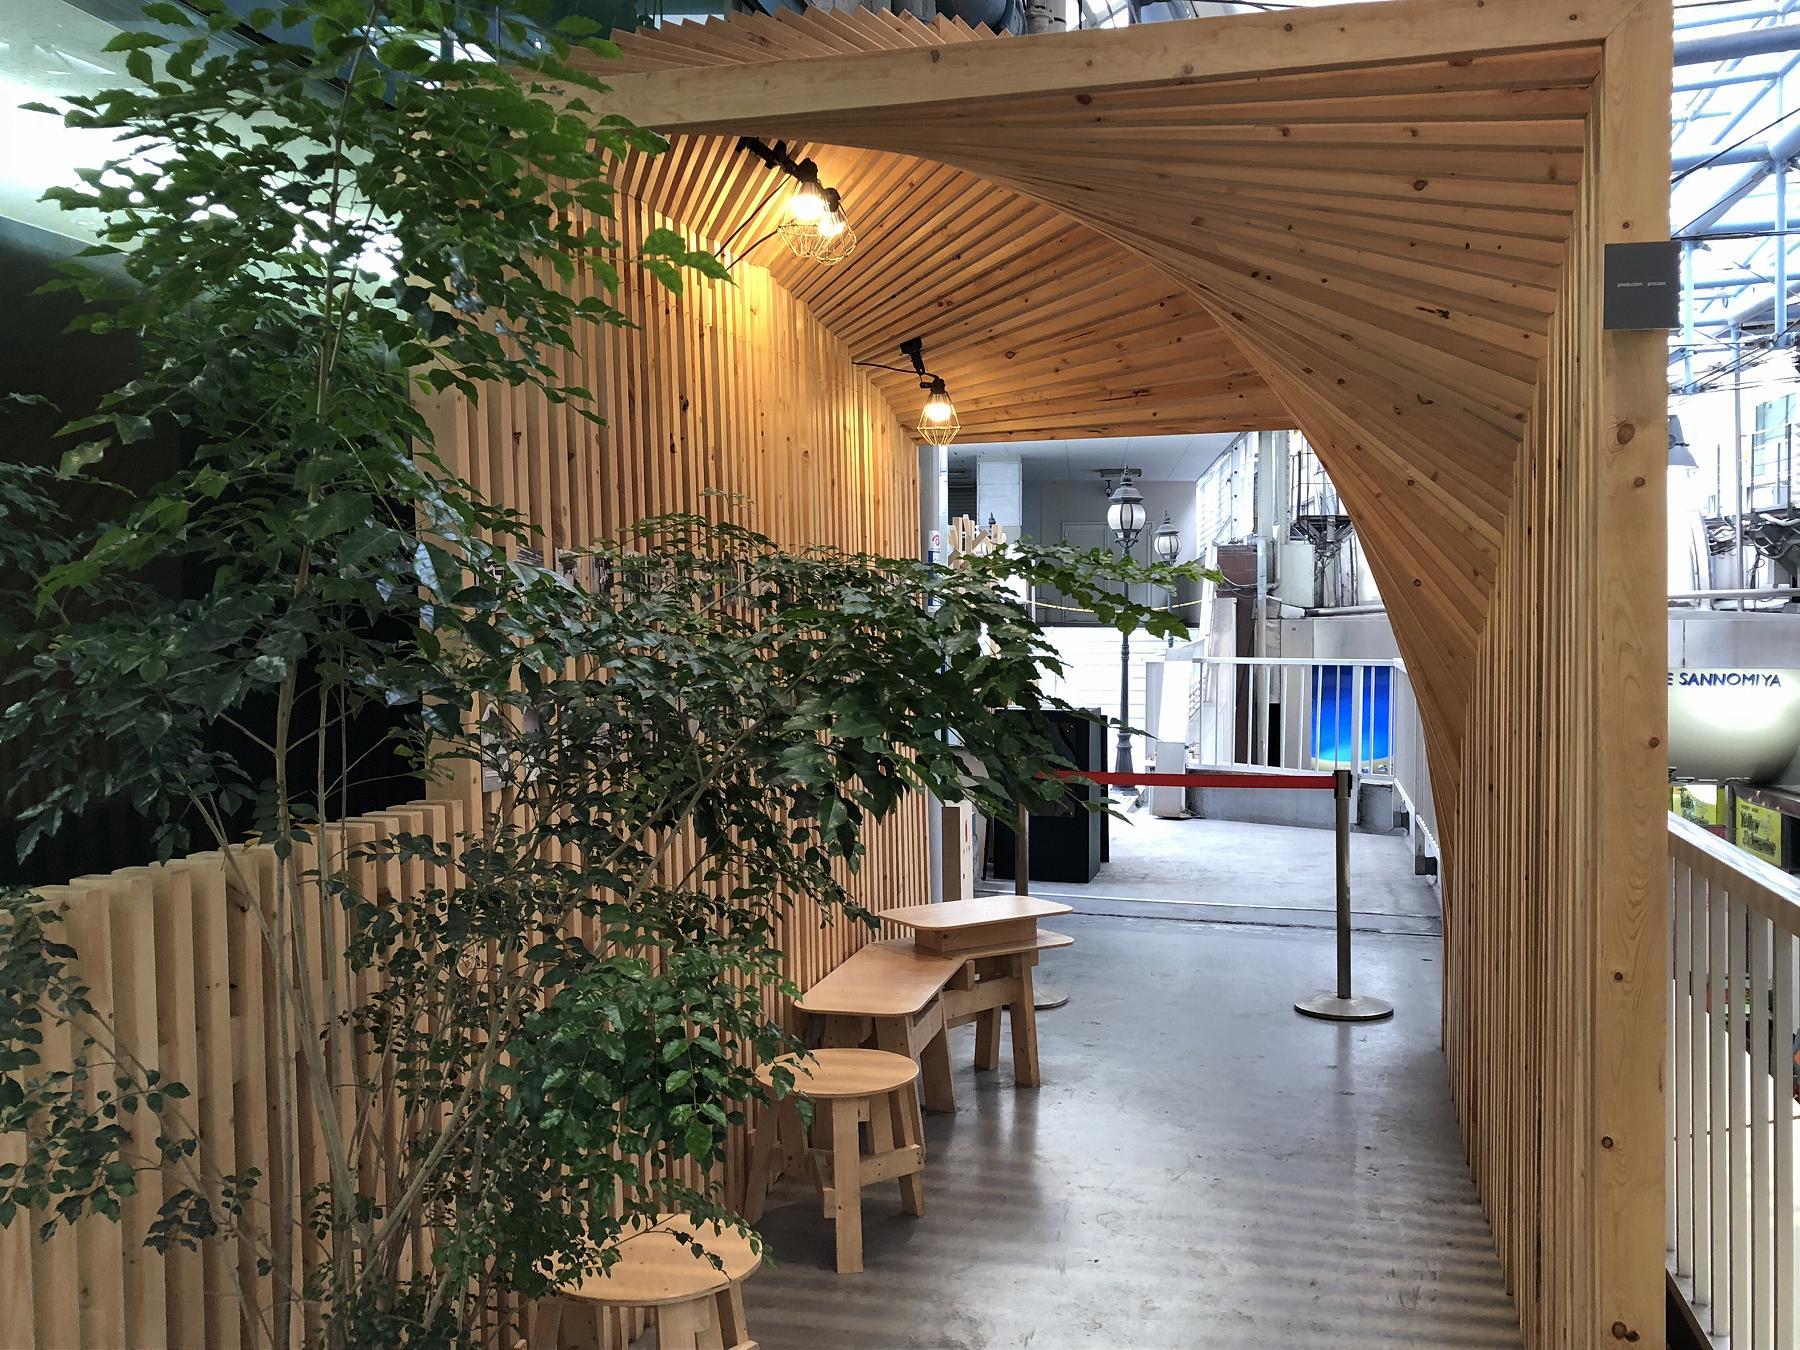 神戸・三宮のセンター街3階にある「三Fストリート」で、木のぬくもりを楽しんでみた! #三Fストリート #三宮センター街 #神戸芸術工科大学